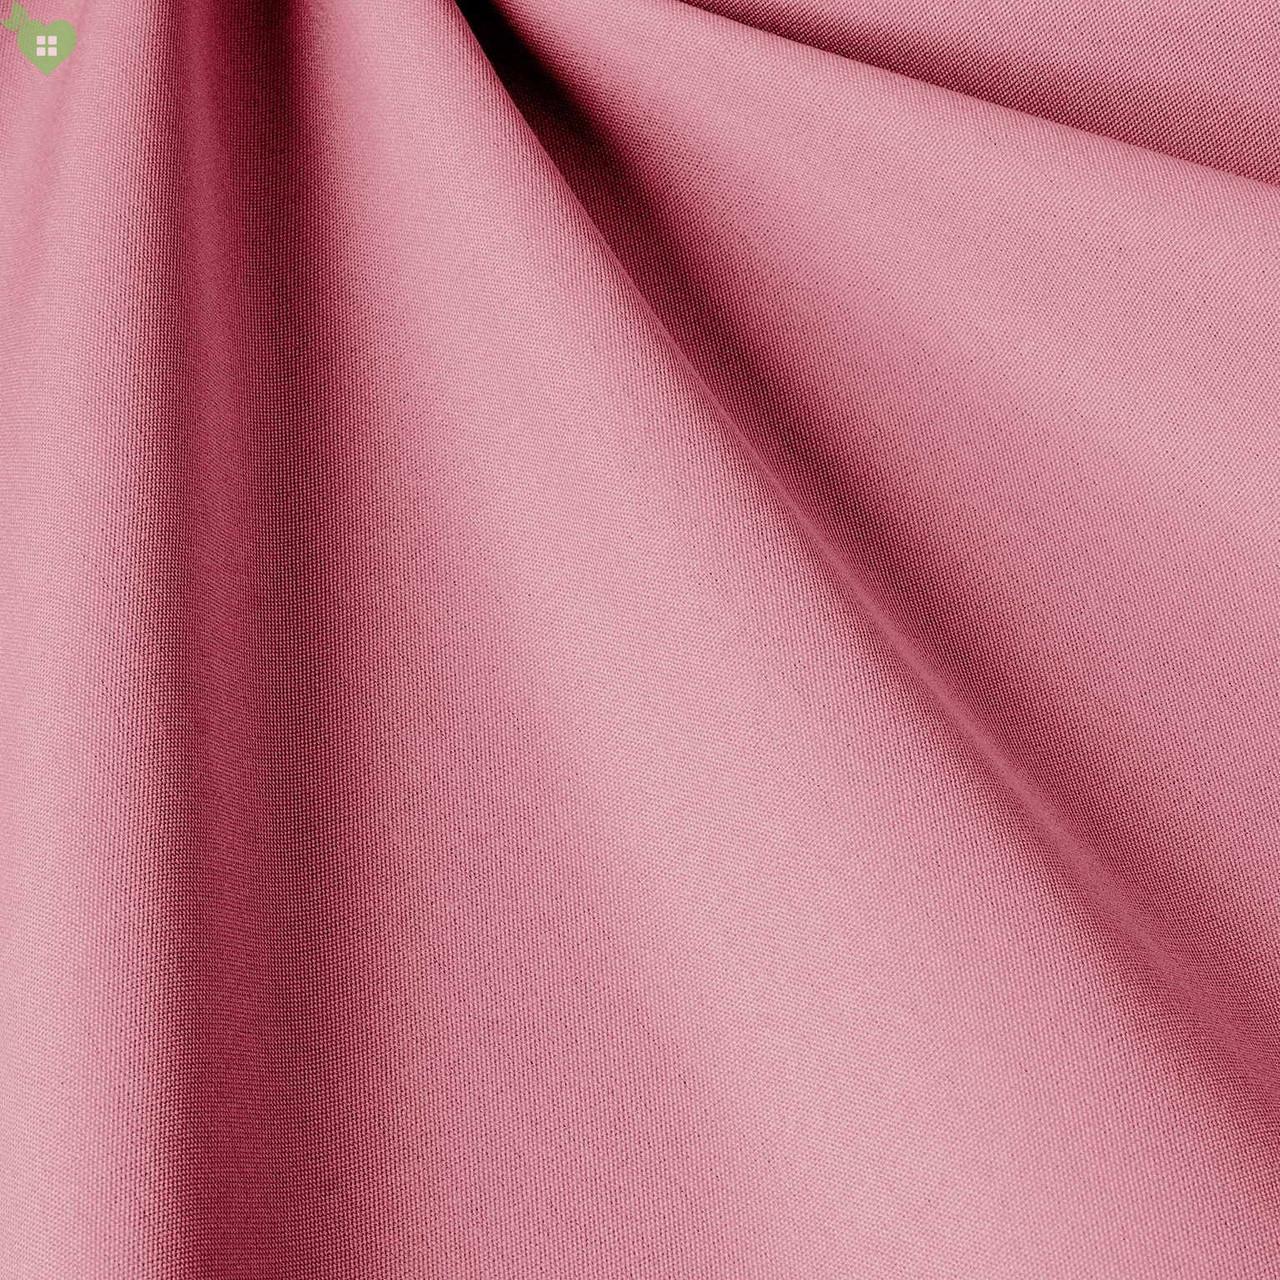 Однотонная уличная ткань розовая с водоотталкивающими свойствами Испания 83392v20